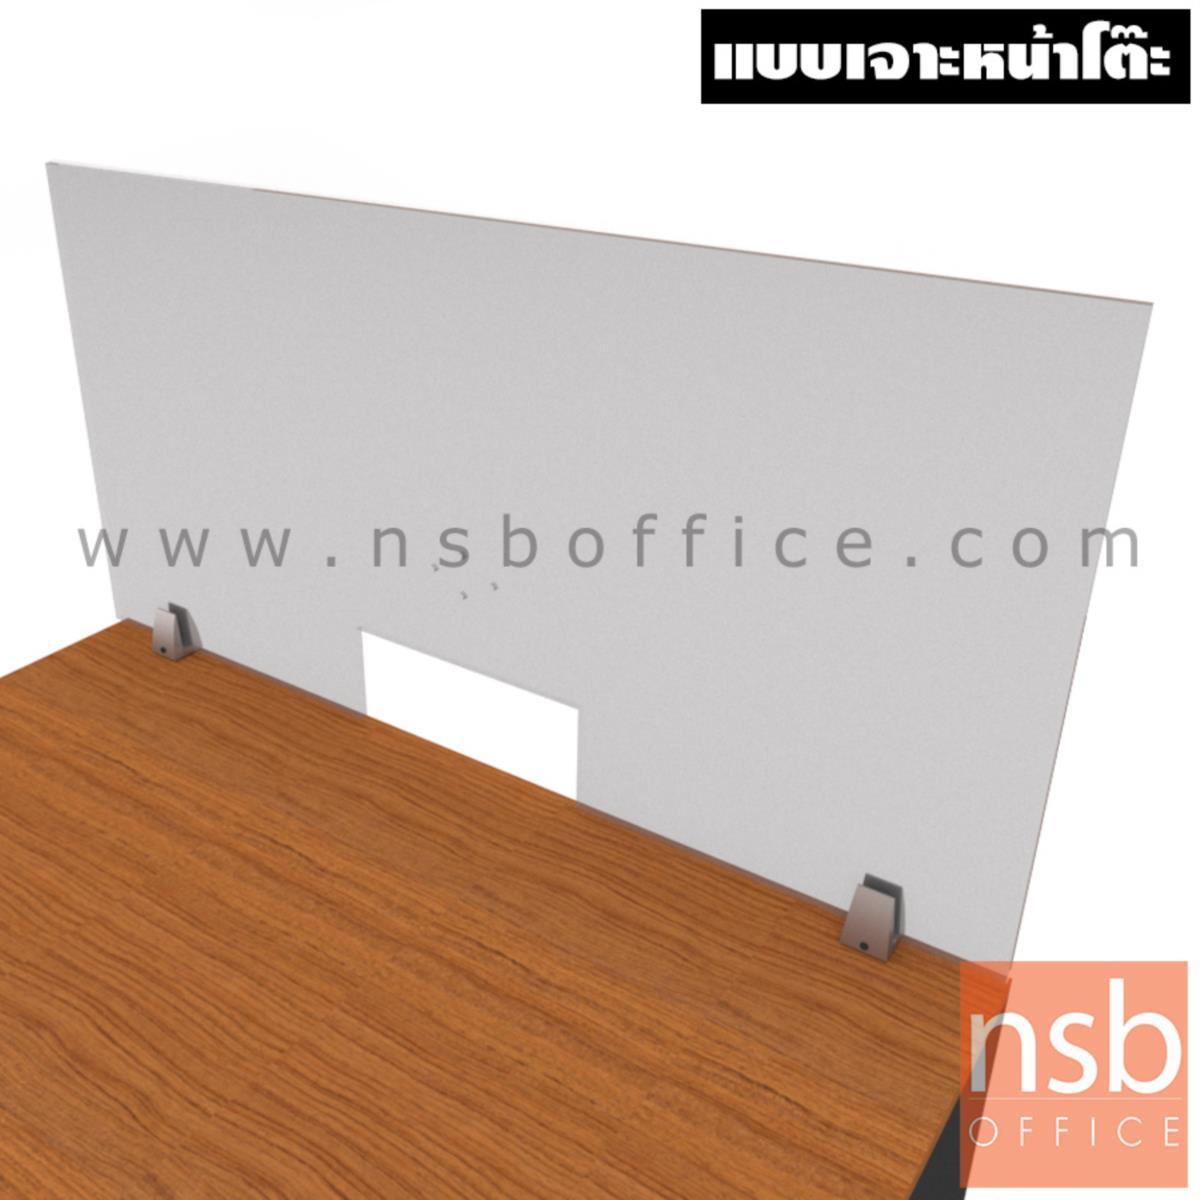 P04A044:มินิสกรีนแผ่นอะครีลิค กั้นสูงโต๊ะบริการ รุ่น safe service สูงพิเศษ 60H cm. แบบเจาะหน้าโต๊ะ